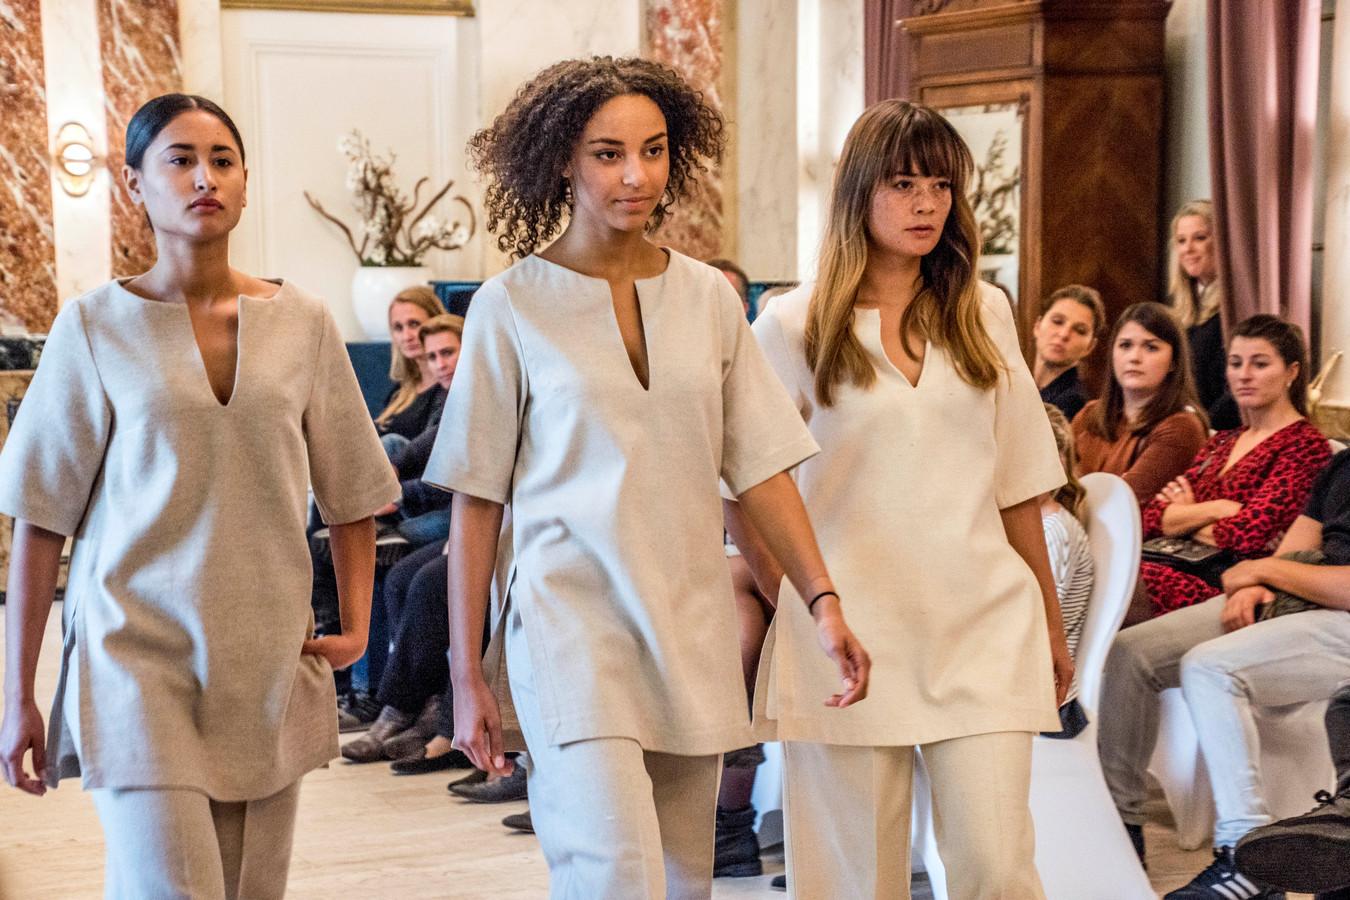 Het Tilburgse bedrijf Wolkat loopt voorop in hergebruik van textiel. Onder meer in een modeshow met ROC-studenten in 2017 werd dat getoond.